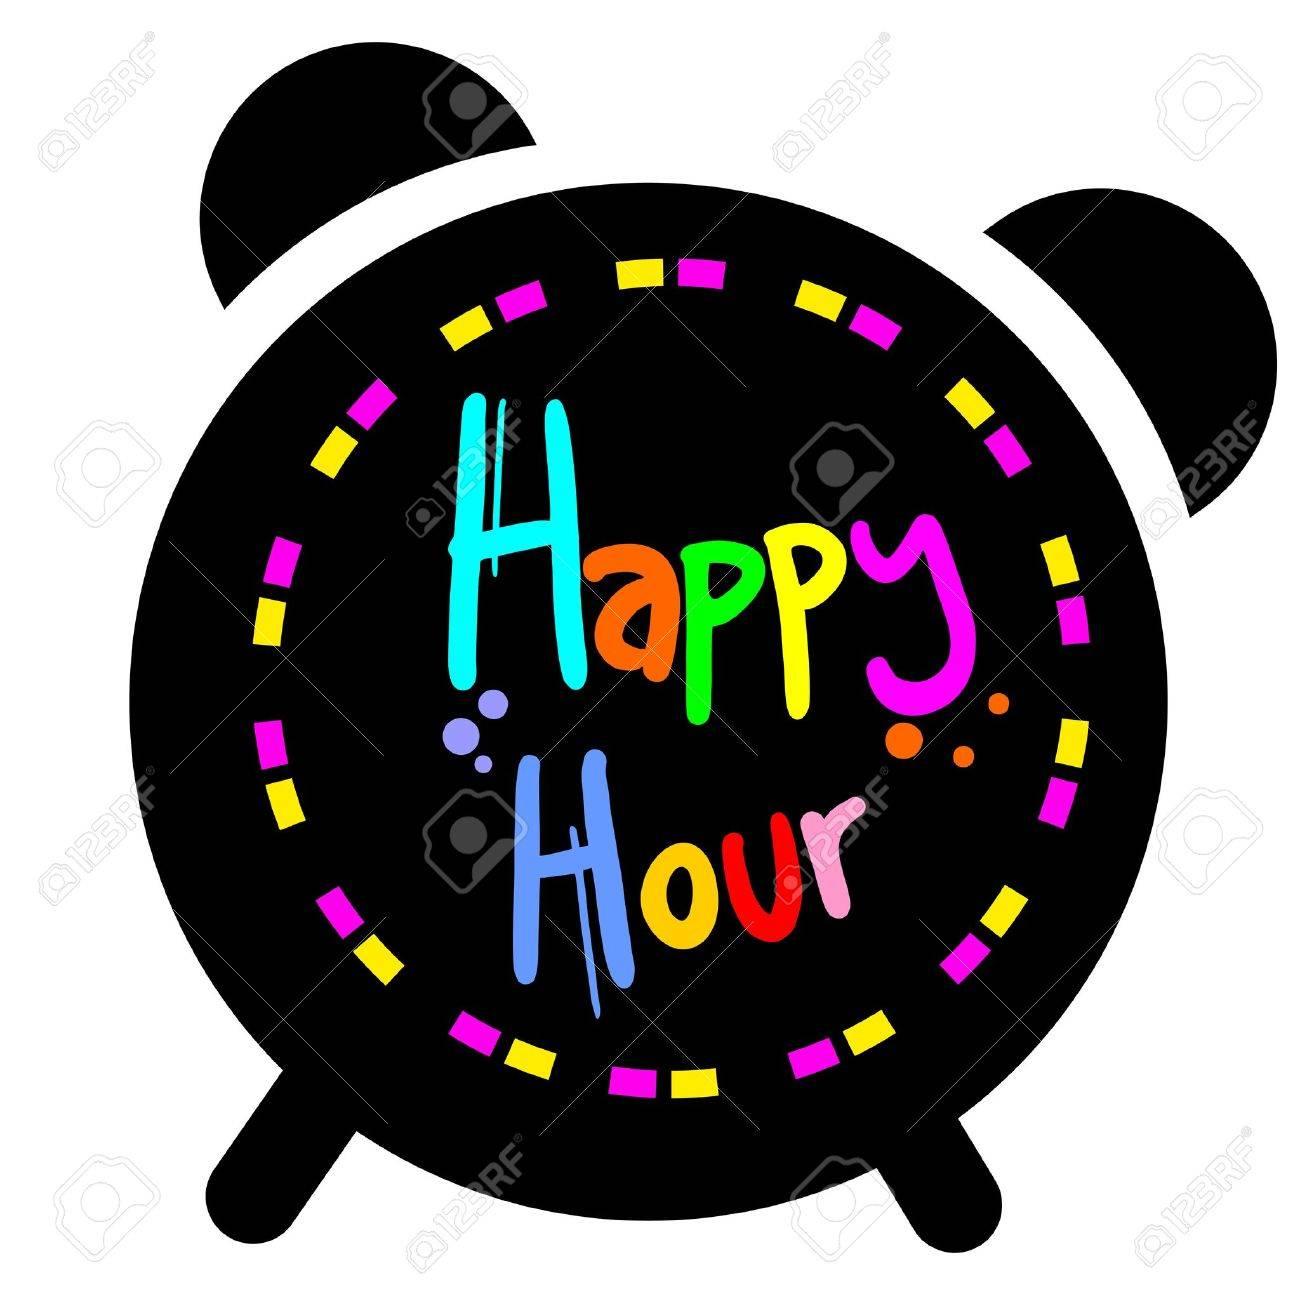 Happy hour - 18895065